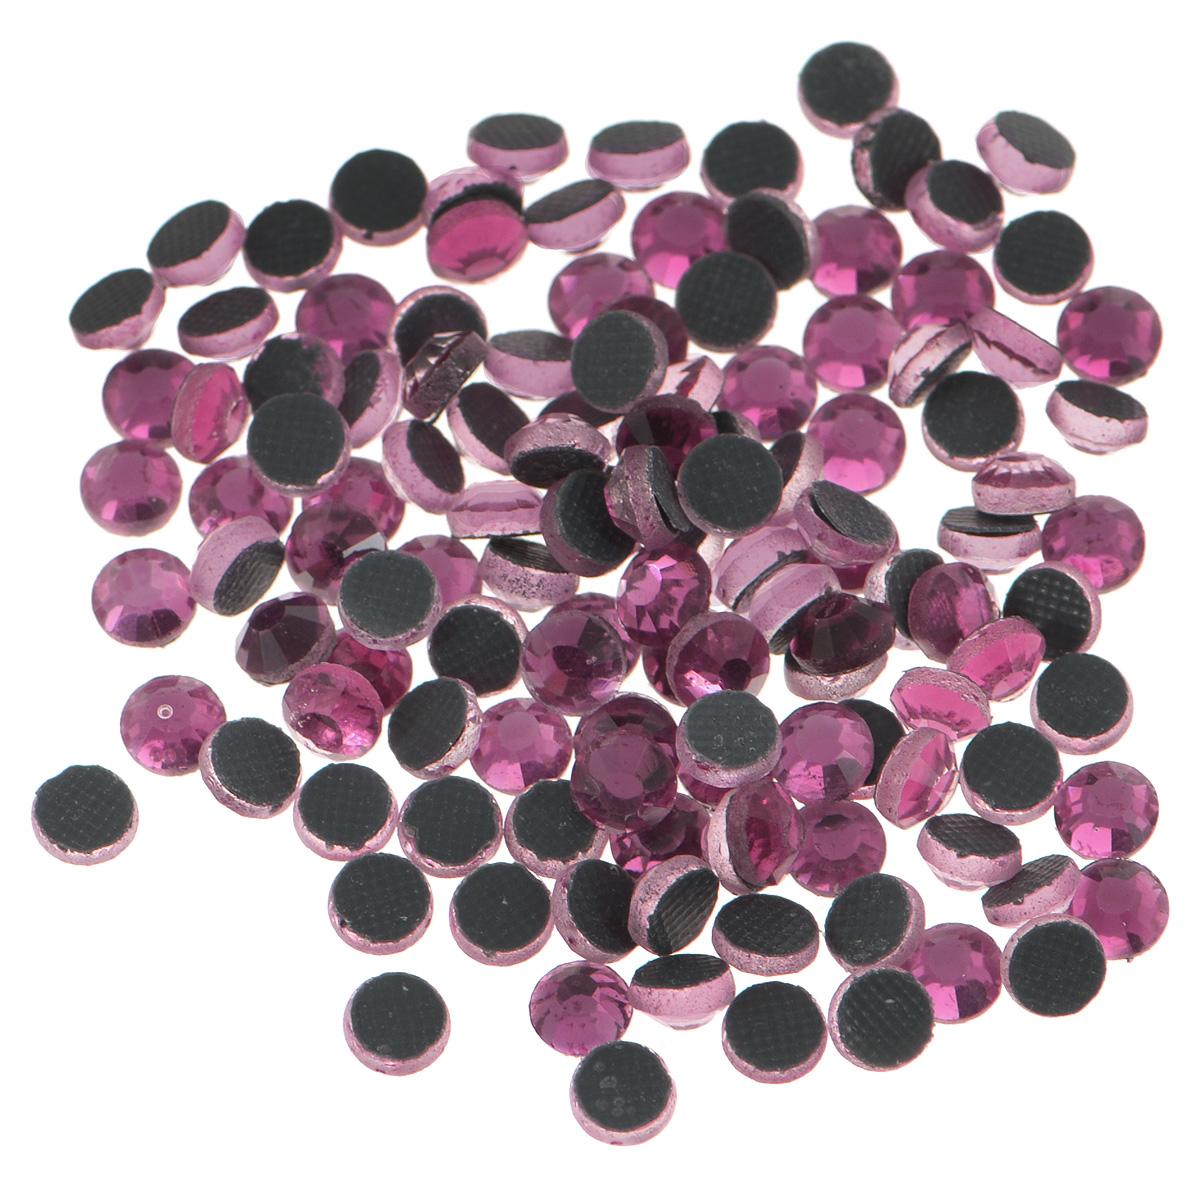 Стразы термоклеевые Cristal, цвет: розовый (209), диаметр 4 мм, 144 шт19201Набор термоклеевых страз Cristal, изготовленный из высококачественного акрила, позволит вам украсить одежду, аксессуары или текстиль. Яркие стразы имеют плоское дно и круглую поверхность с гранями.Дно термоклеевых страз уже обработано особым клеем, который под воздействием высоких температур начинает плавиться, приклеиваясь, таким образом, к требуемой поверхности. Чаще всего их используют в текстильной промышленности: стразы прикладывают к ткани и проглаживают утюгом с обратной стороны. Также можно использовать специальный паяльник. Украшение стразами поможет сделать любую вещь оригинальной и неповторимой. Диаметр стразы: 4 мм.